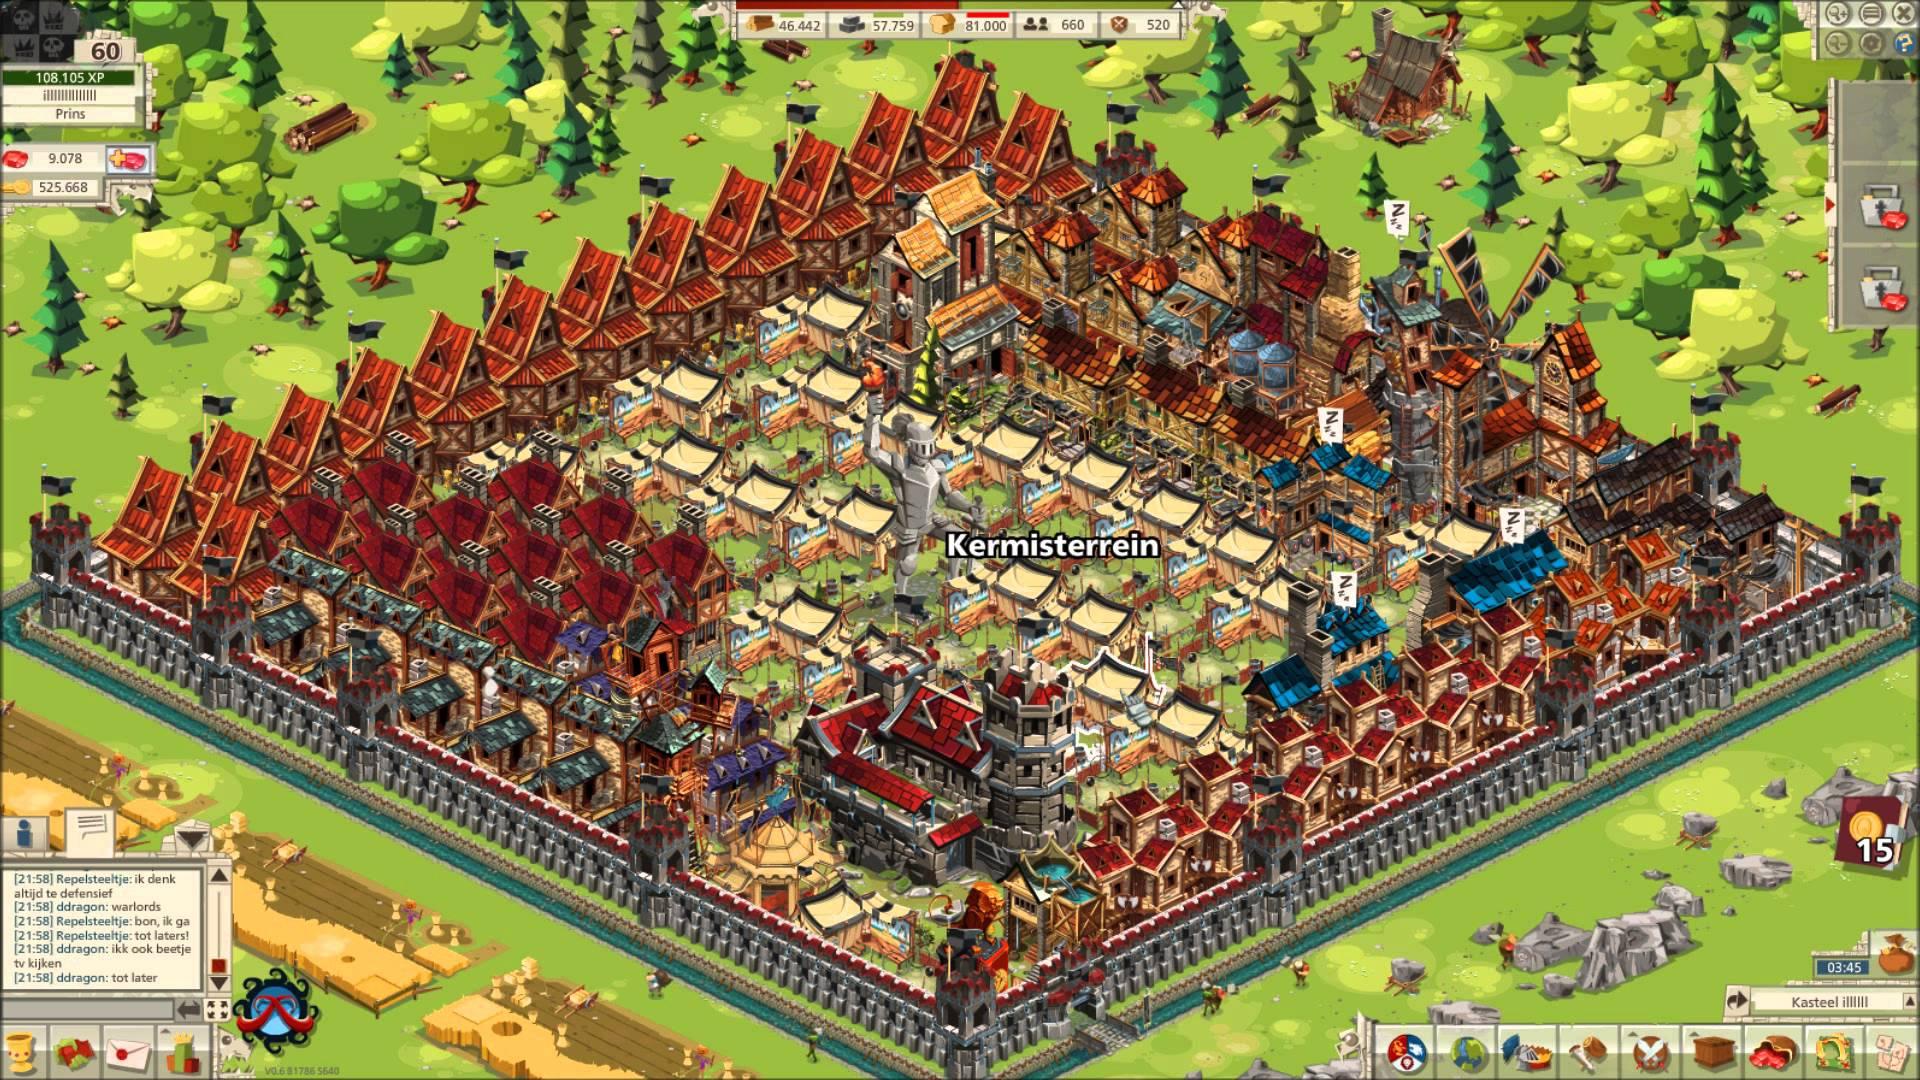 Recensione Goodgame Empire - Gamempire.it Goodgame Empire